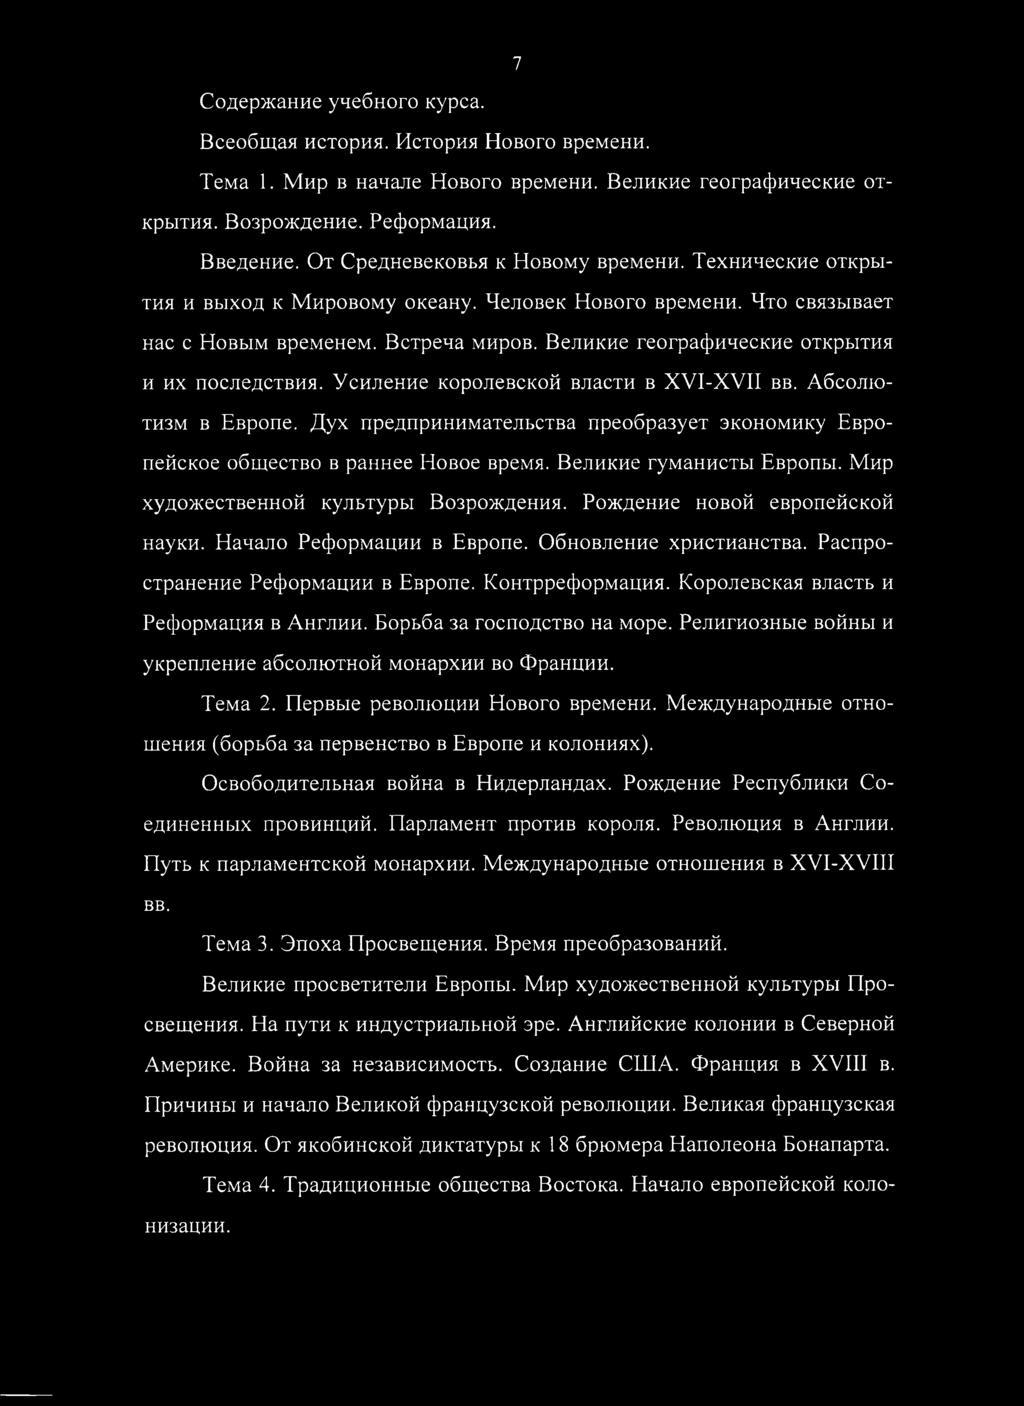 Контрреформация и конфессионализация. история германии. том 1. с древнейших времен до создания германской империи